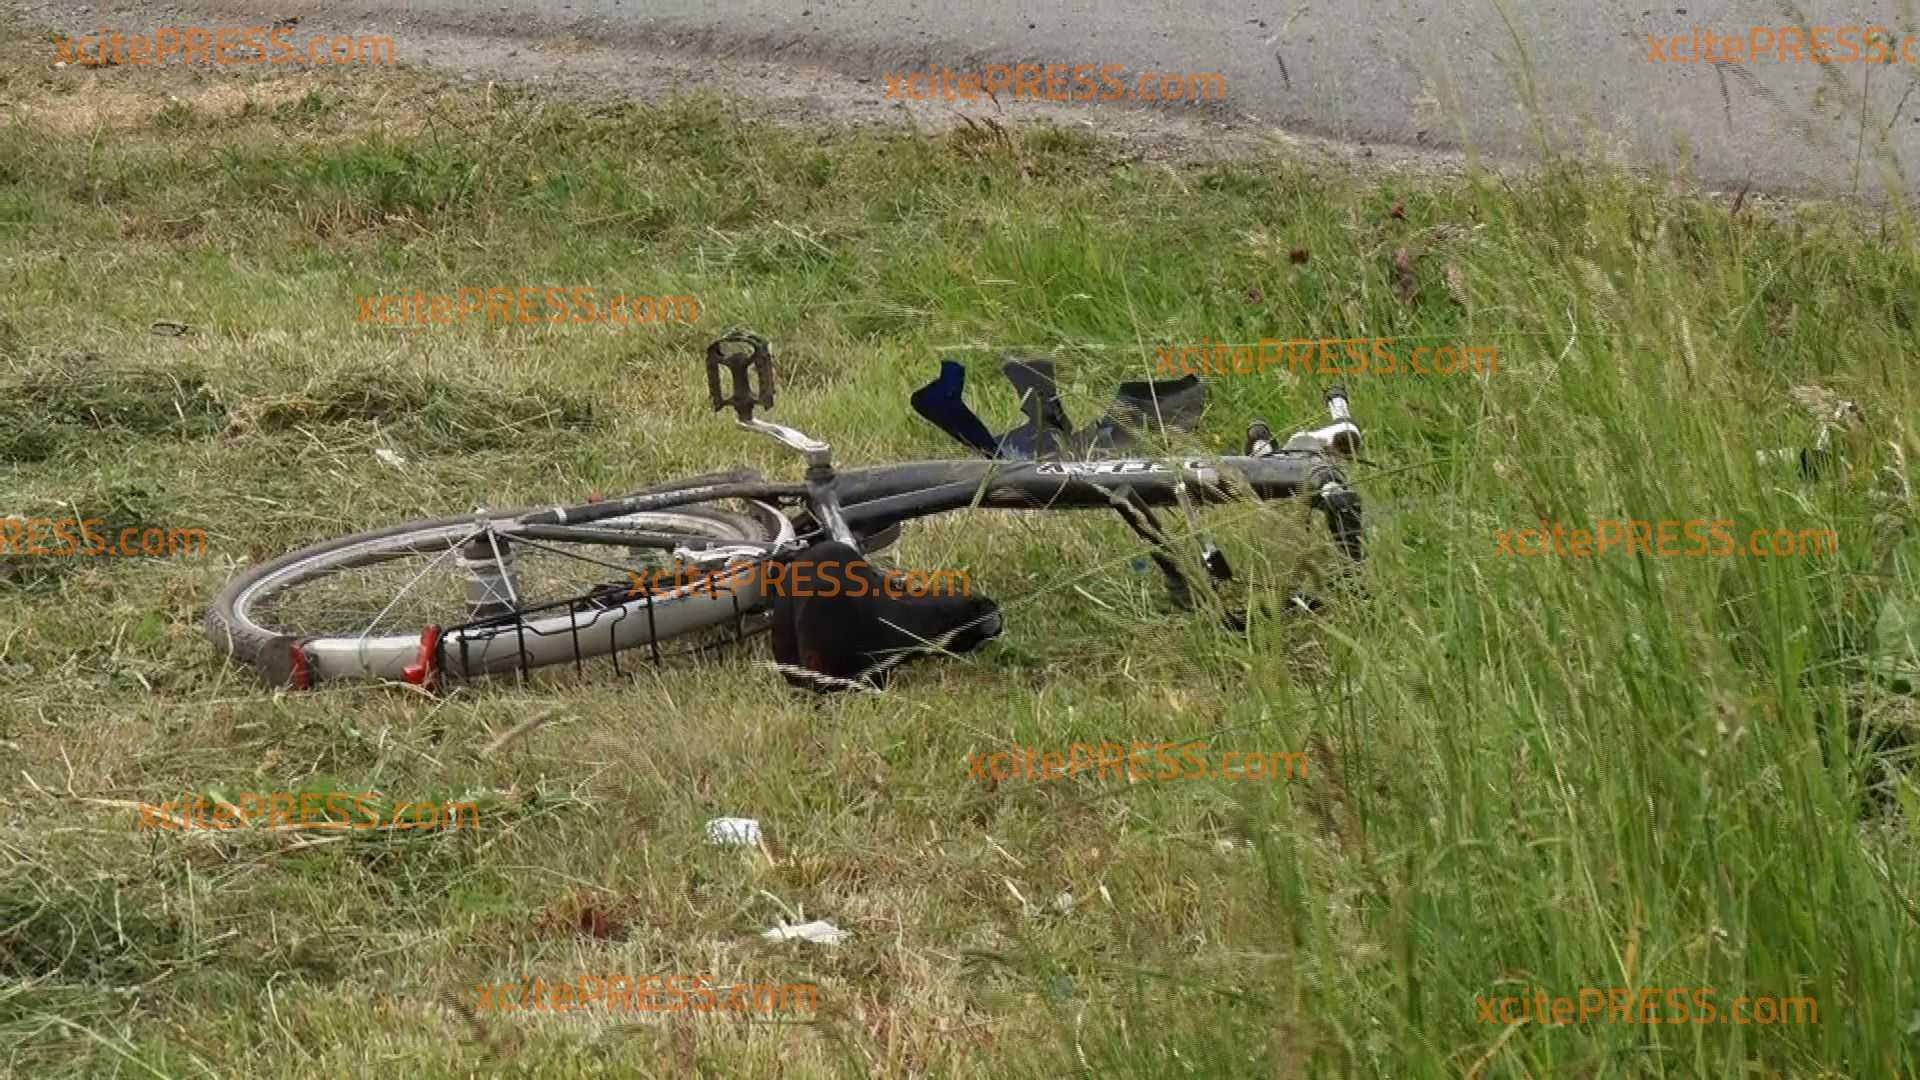 Motorrad kollidiert mi Fahrrad: 2 Verletzte - Rettungshubschrauber im Einsatz: Radler hatte Schutzengel und erlitt nur leichte Verletzungen